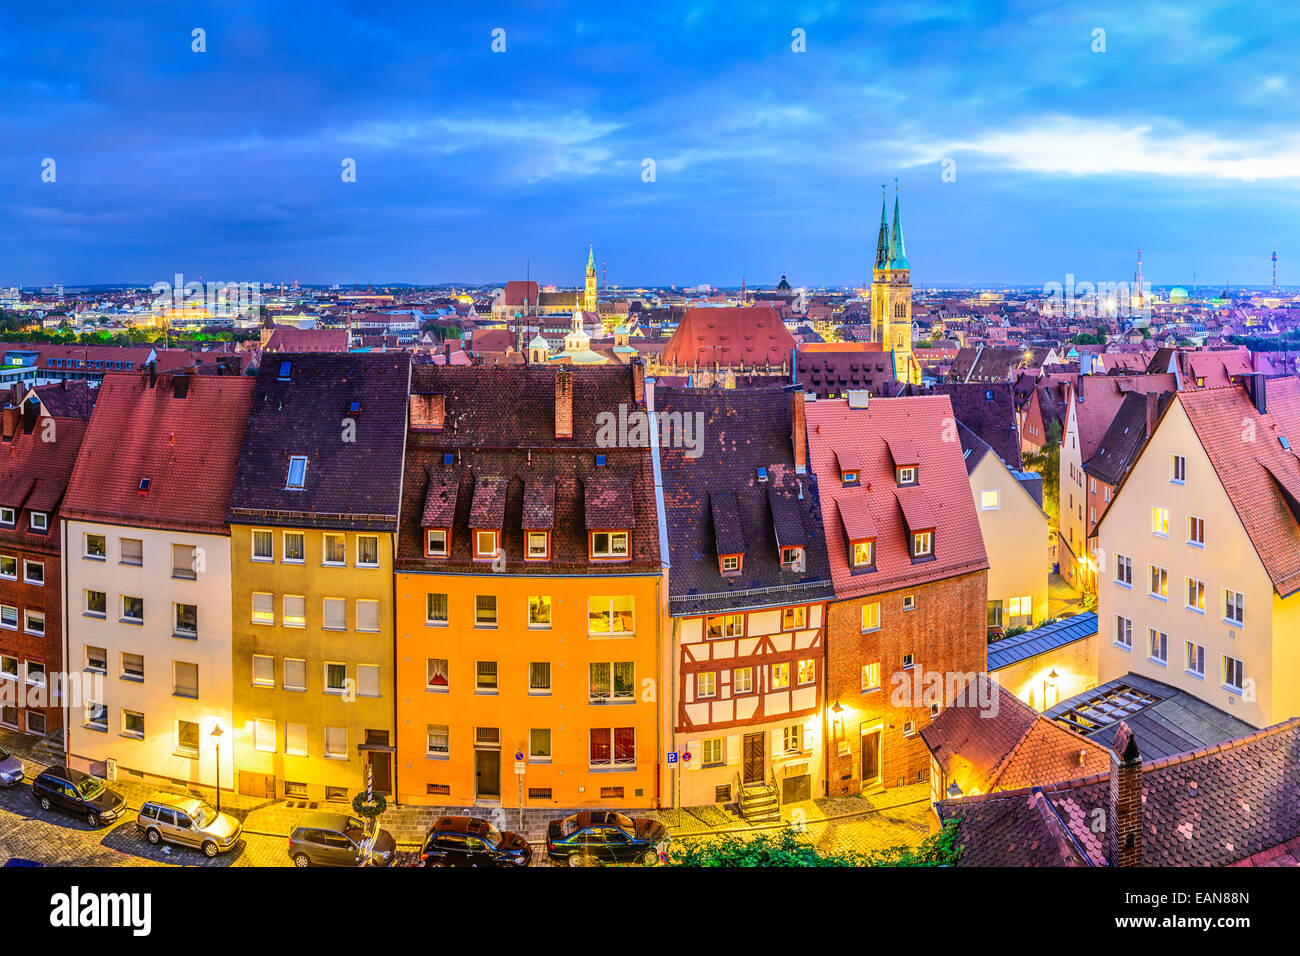 Nuremberg, Alemania el horizonte de la ciudad vieja. Imagen De Stock